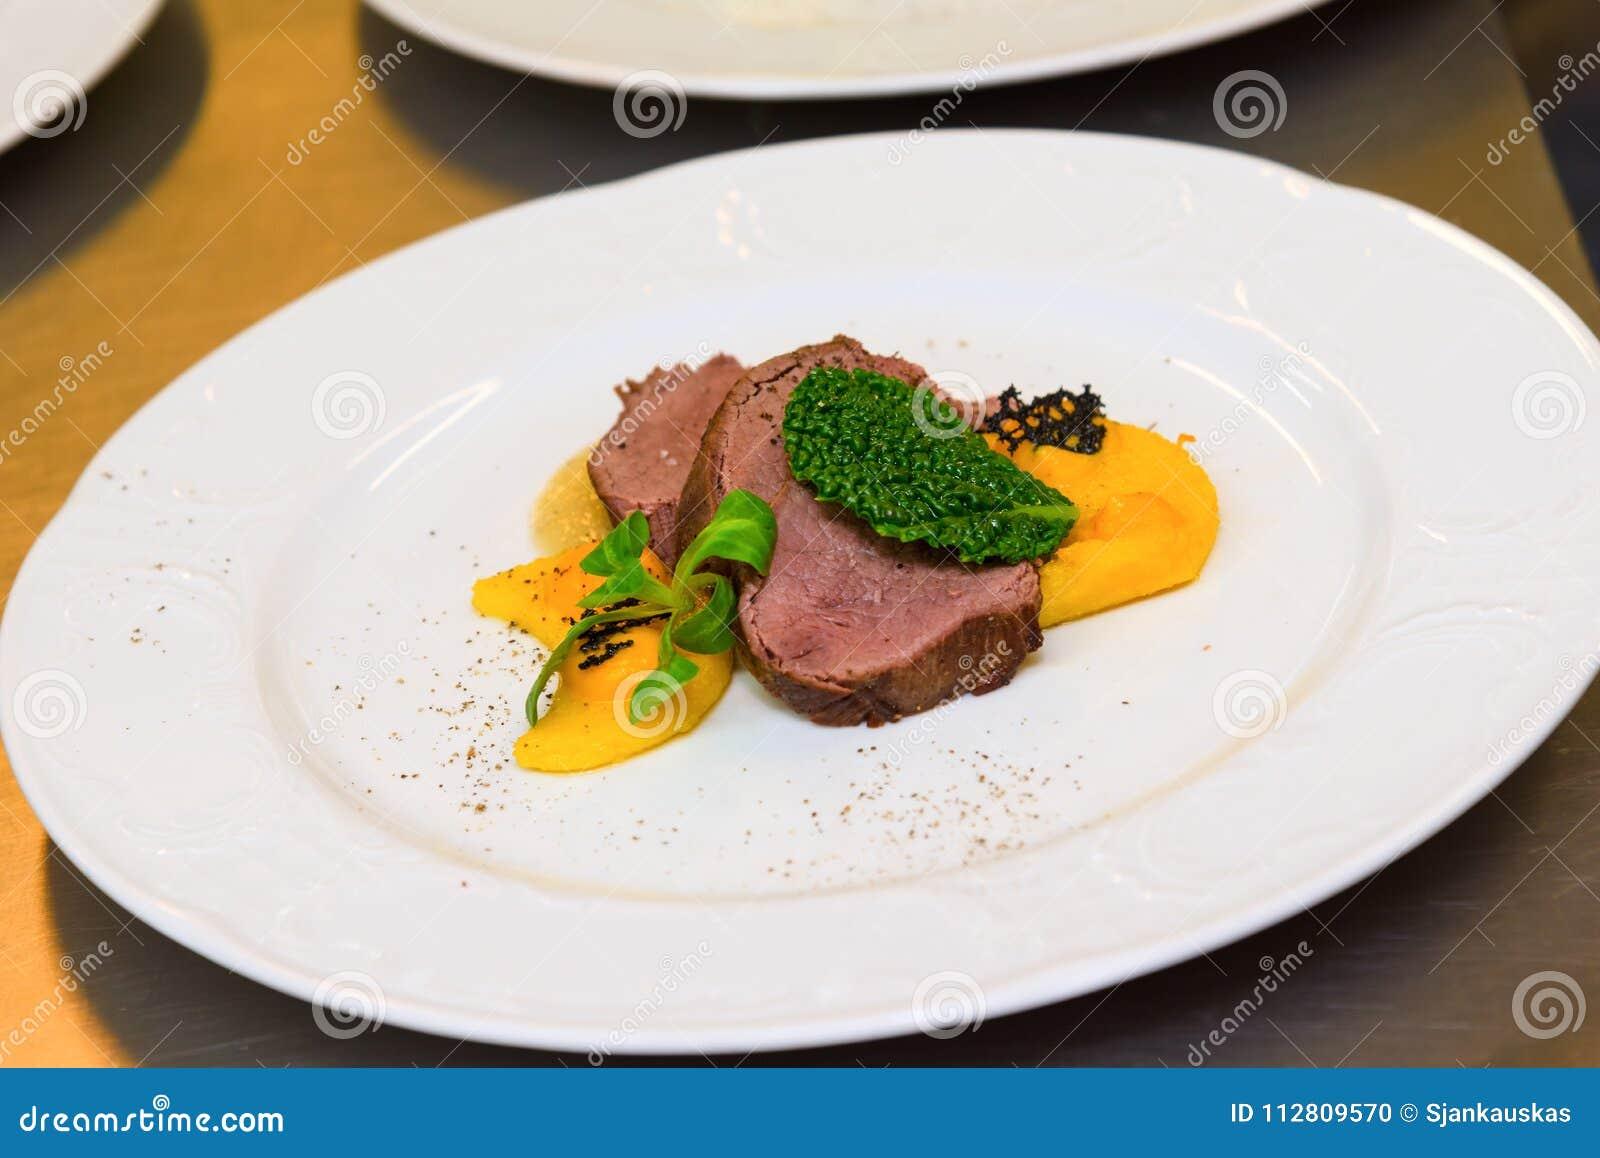 Hertevlees Gastronomische maaltijd